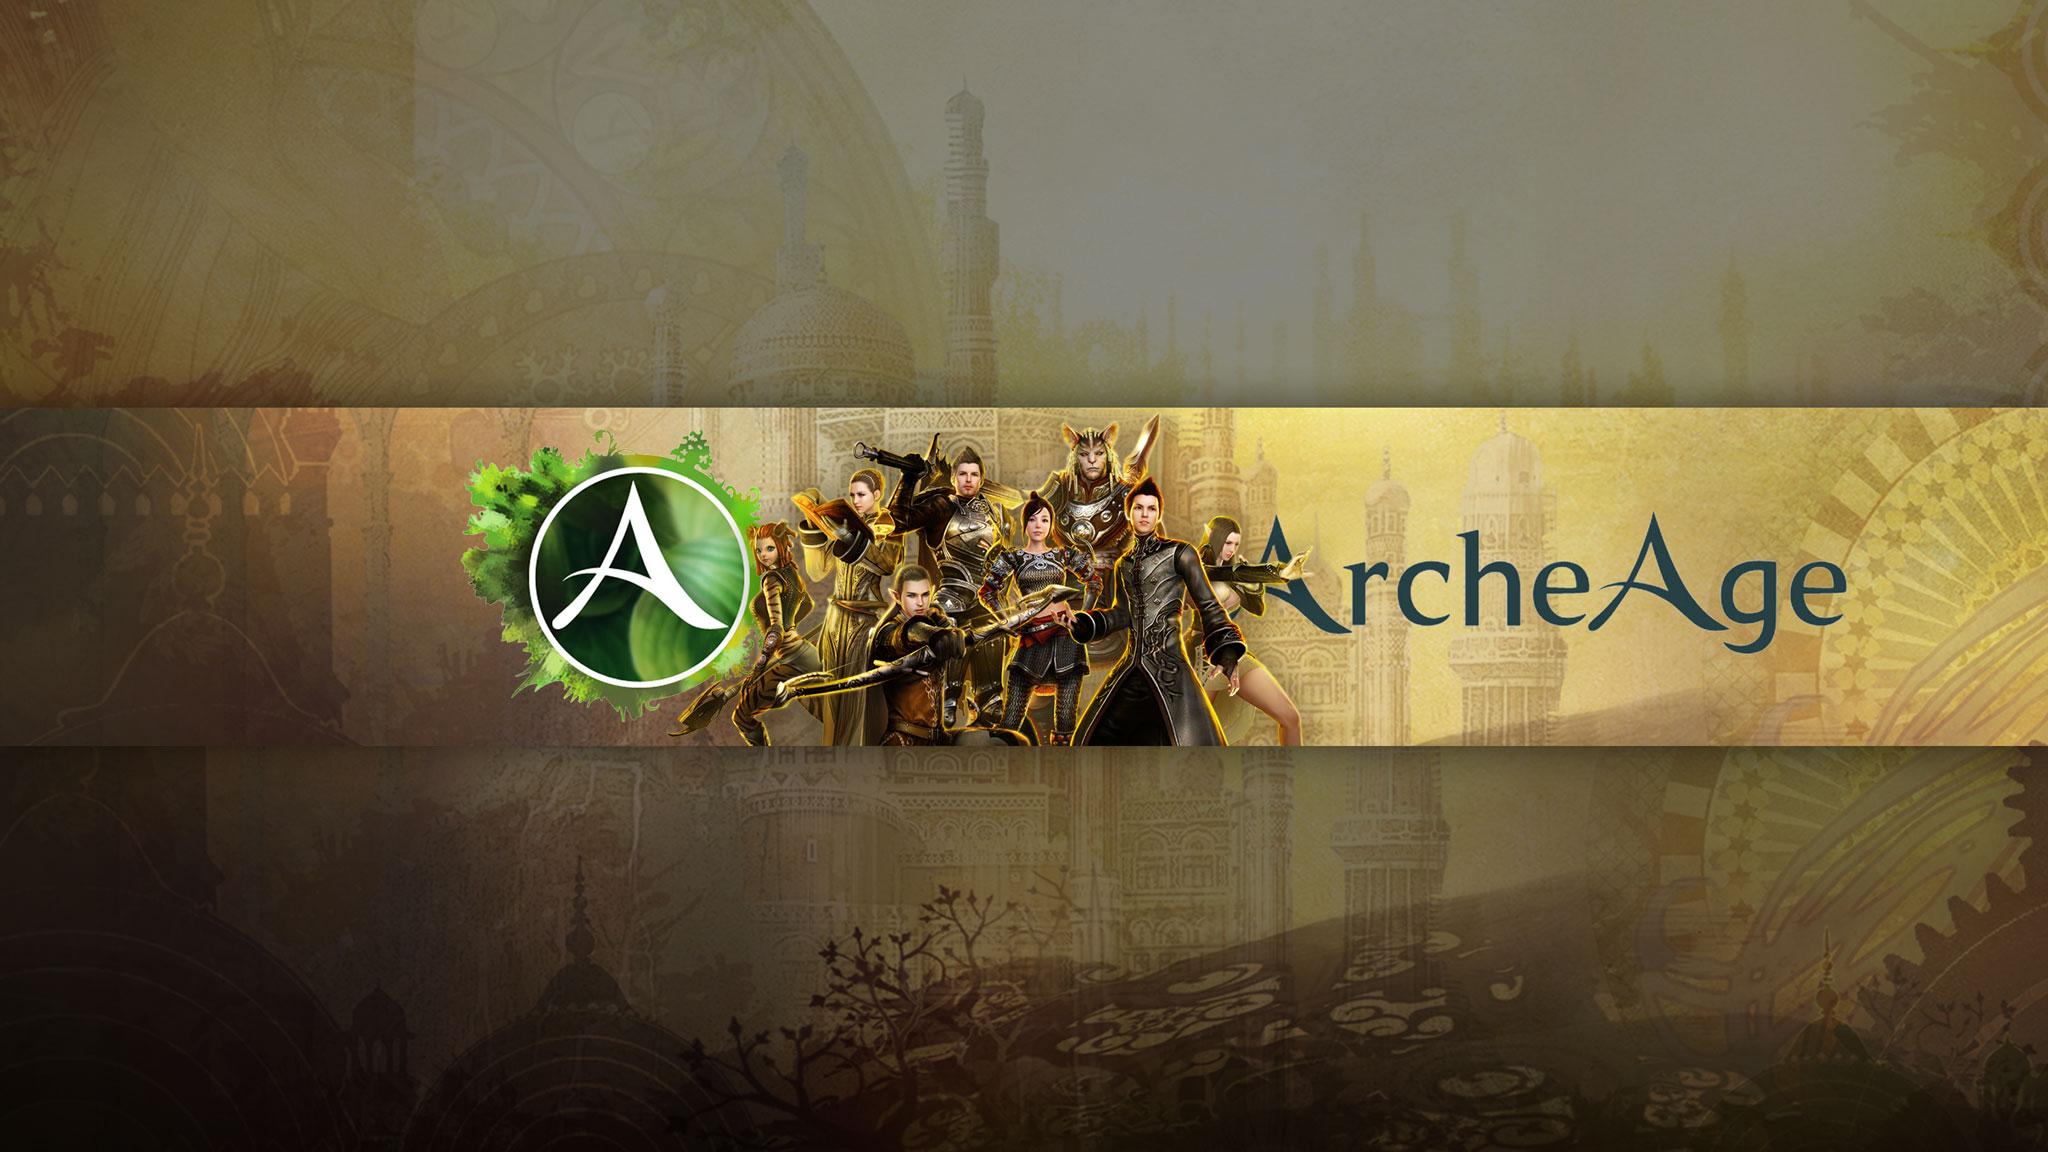 Шапка 2048x1152 для ютуба с персонажами игры ArcheAge.